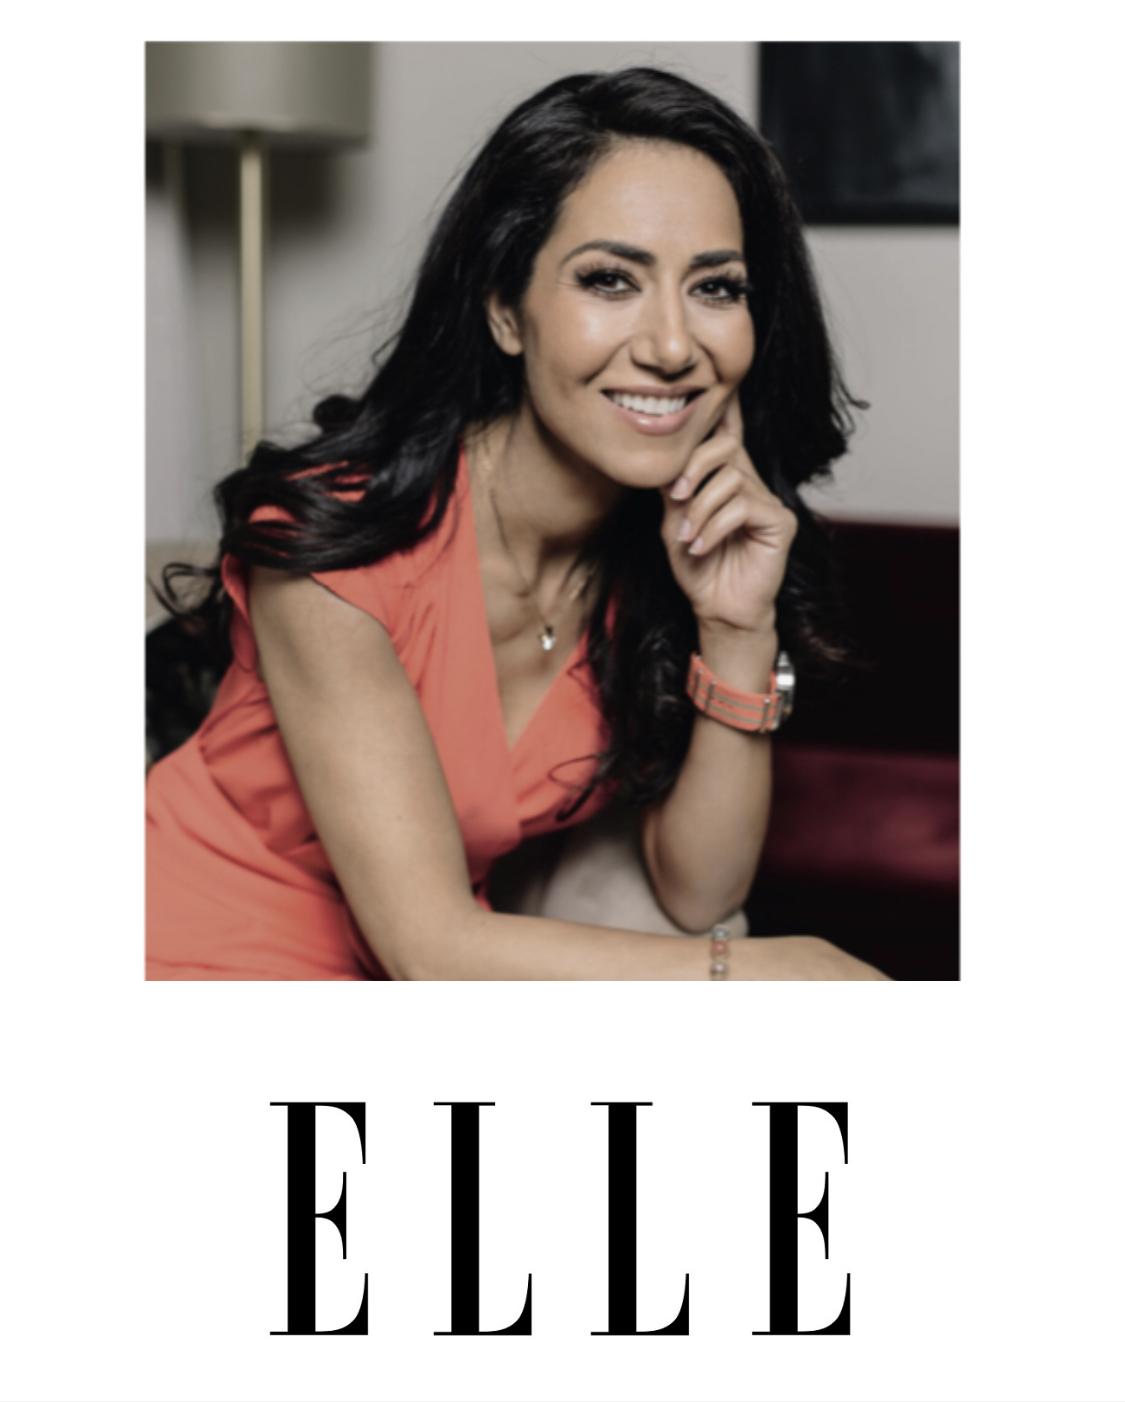 Dr.Mouna - Dr. Mouna in ELLE Magazine